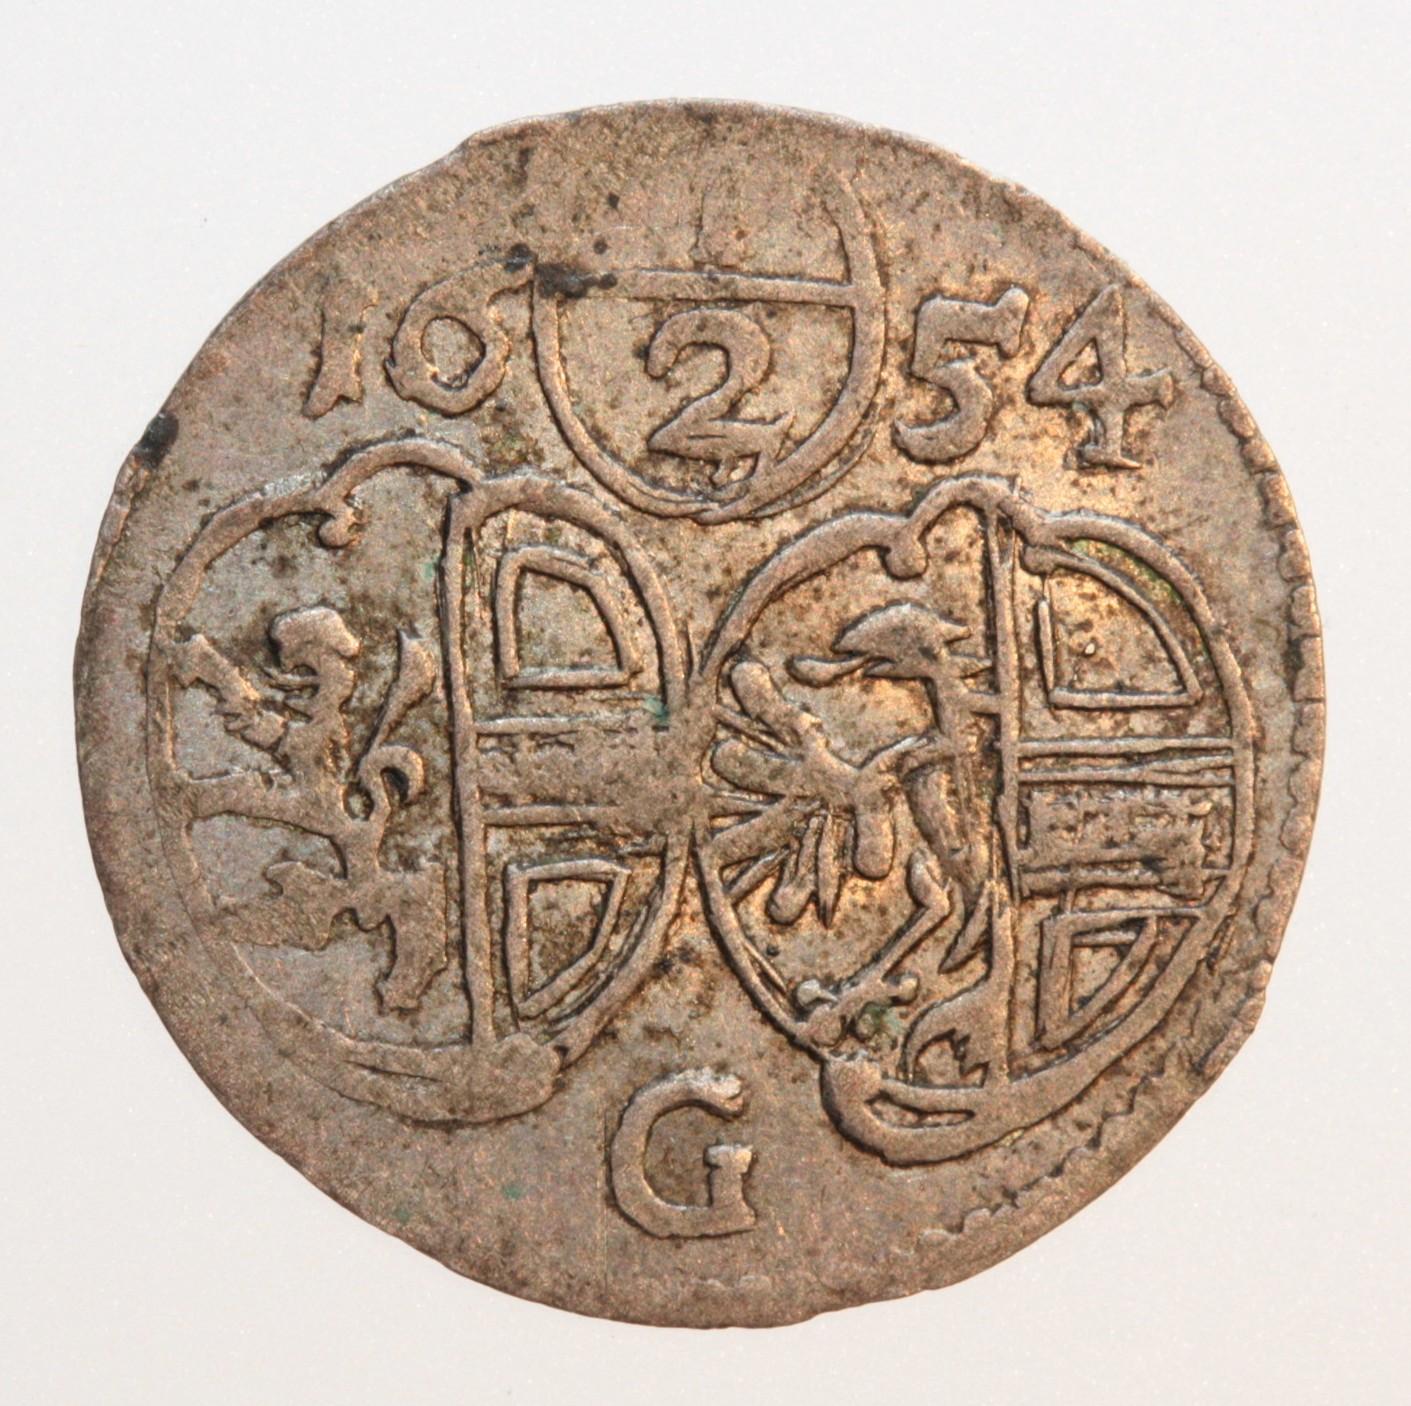 Halbkreuzer 1654 mit komplettem Wappen